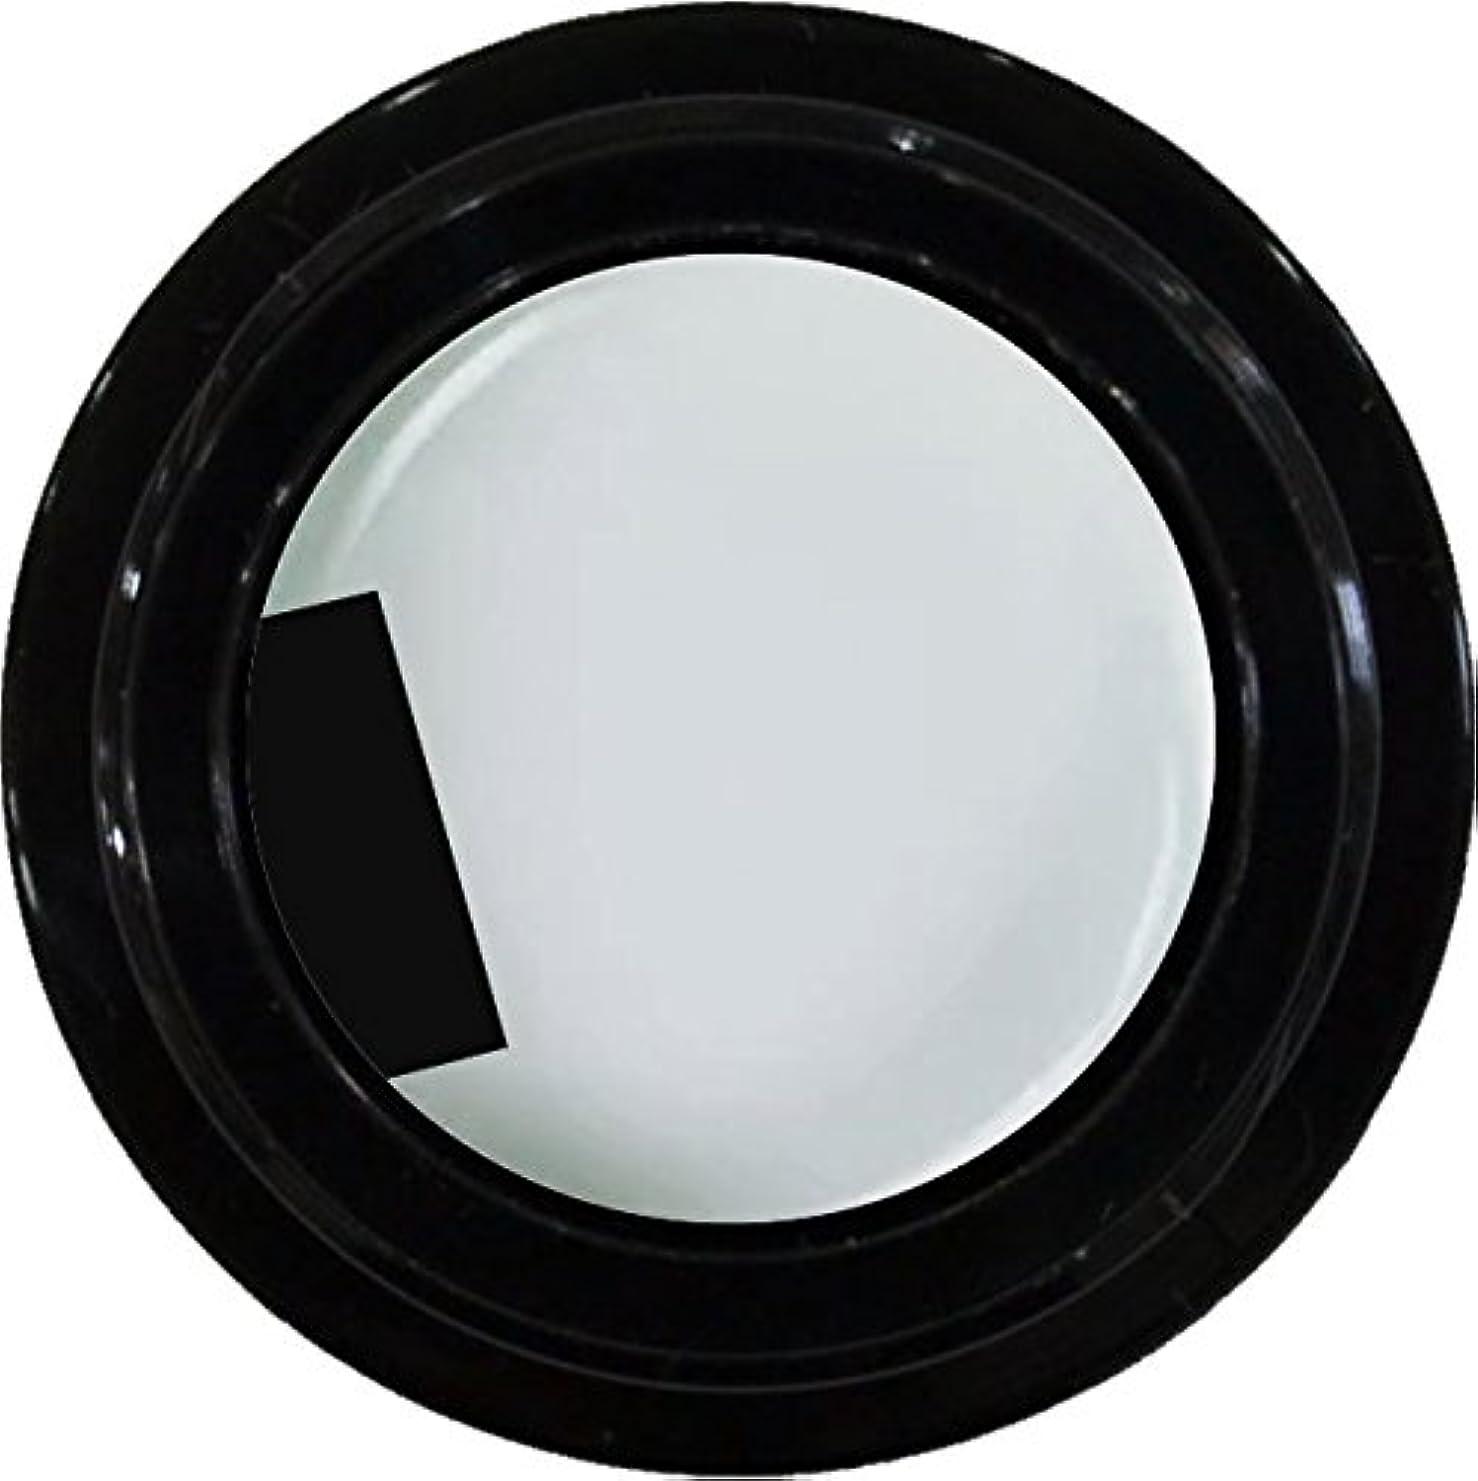 カラージェル enchant color gel M004 JasmineWhite 3g/ マットカラージェル M004 ジャスミンホワイト 3グラム